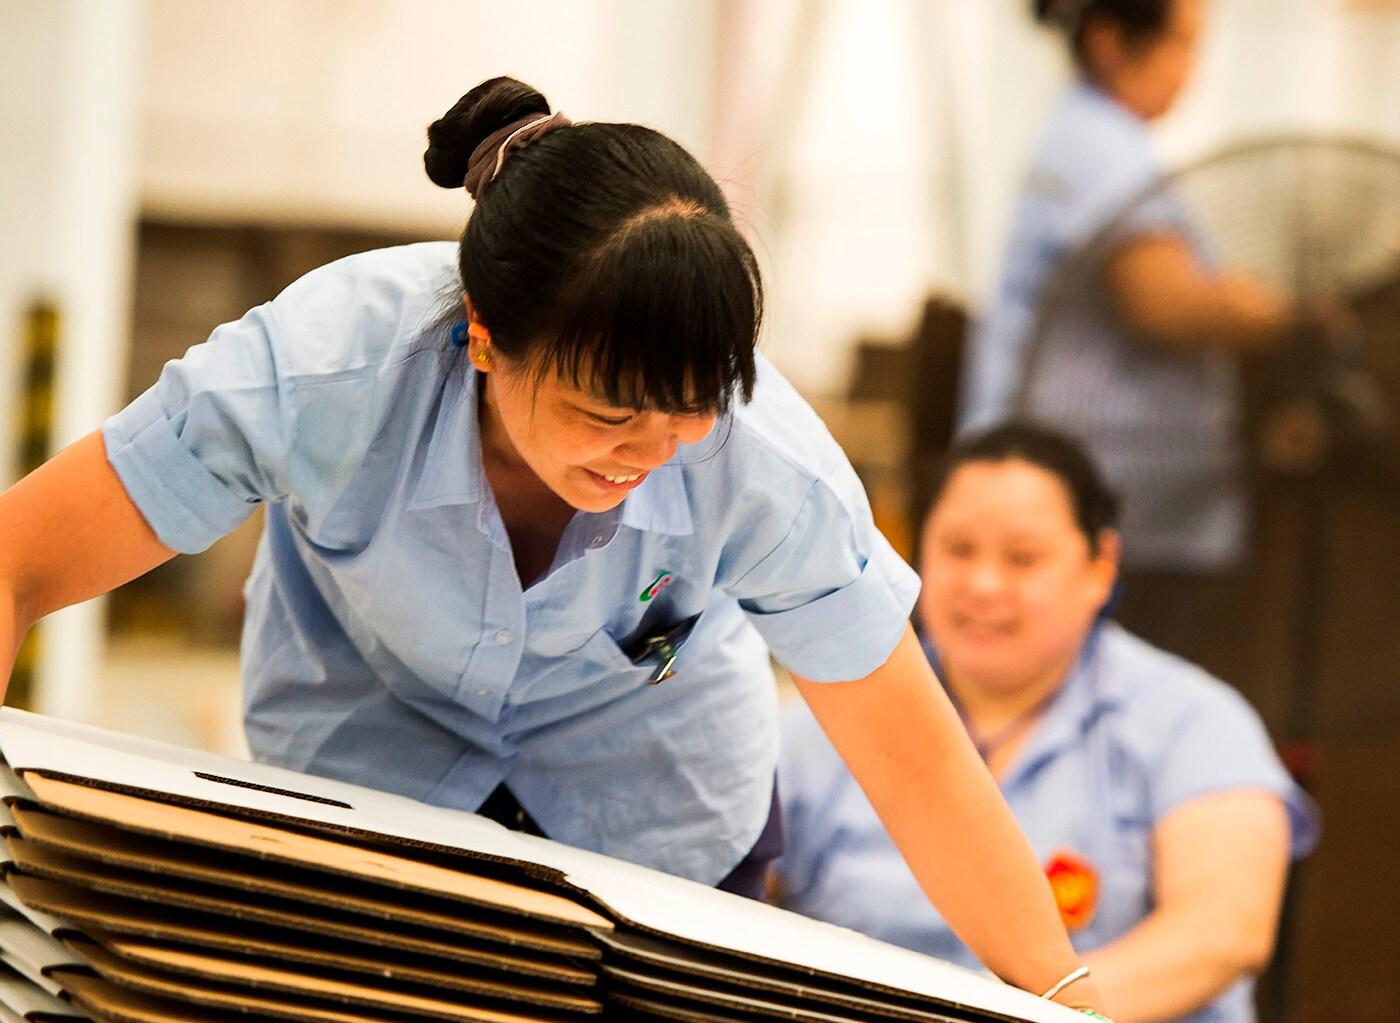 Žena s úsmevom pracuje u dodávateľa IKEA a zdvíha rozložené biele kartónové škatule.